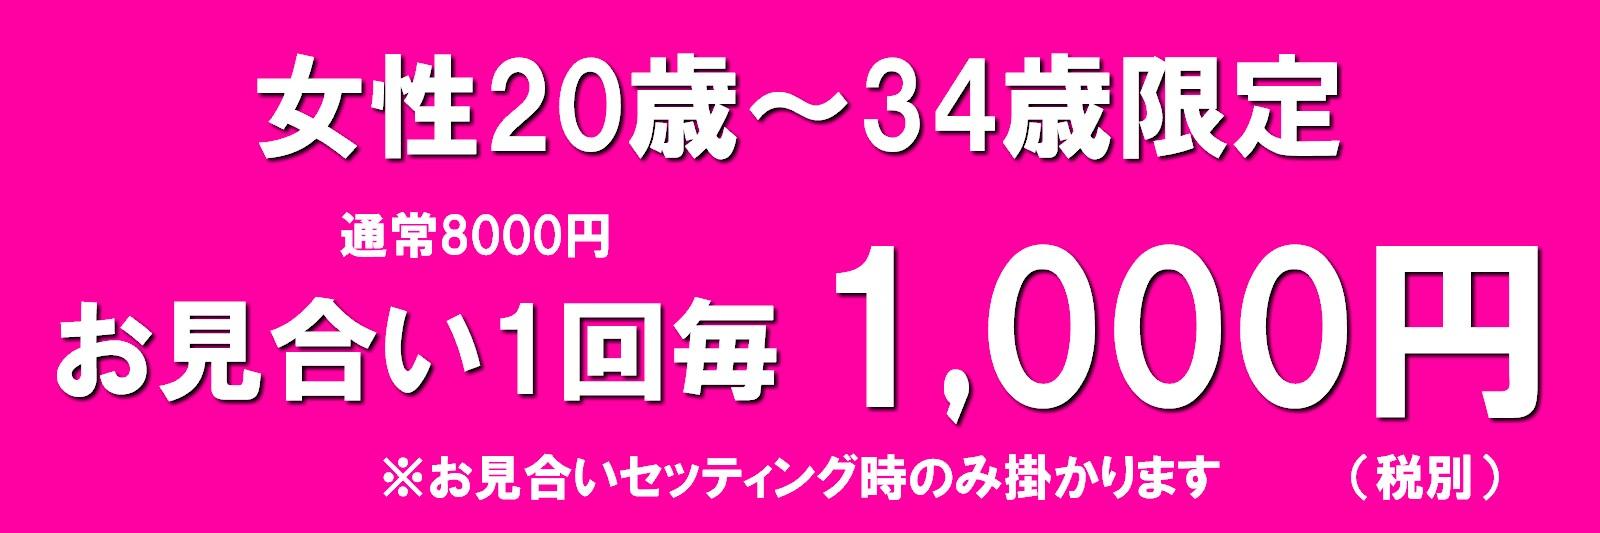 東京で婚活するなら成功報酬型婚活|女性20歳~34歳限定クーポン・お見合い1回【1,000円】